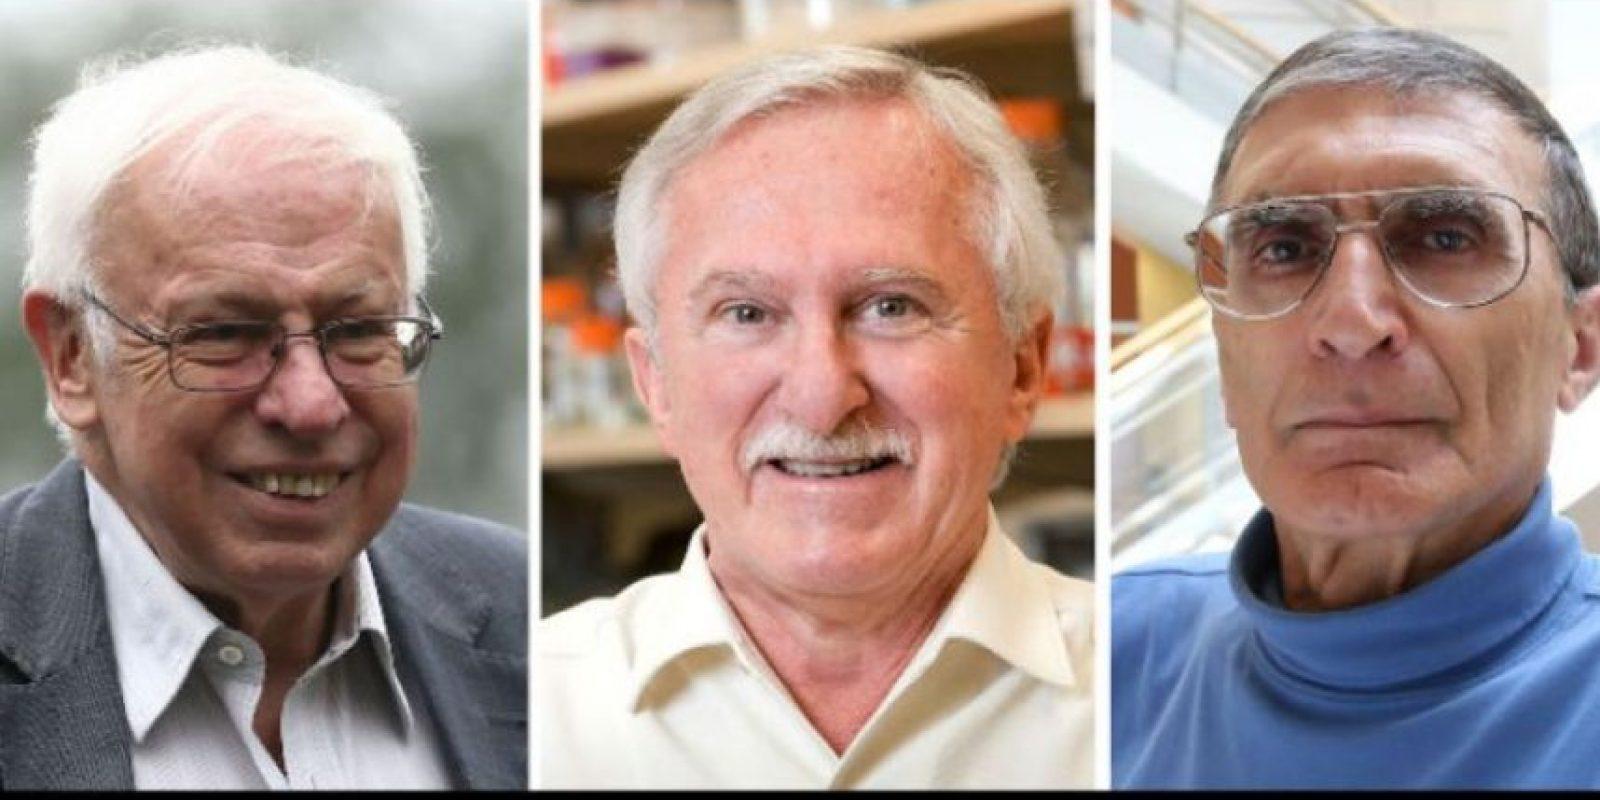 """El Premio Nobel de Química 2015 fue para el sueco Thomas Lindahl, el estadounidense Paul Modrich y el turco-estadounidense Aziz Sancar por su trabajo """"estudios mecanicistas de la reparación del ADN"""". Foto:AFP"""